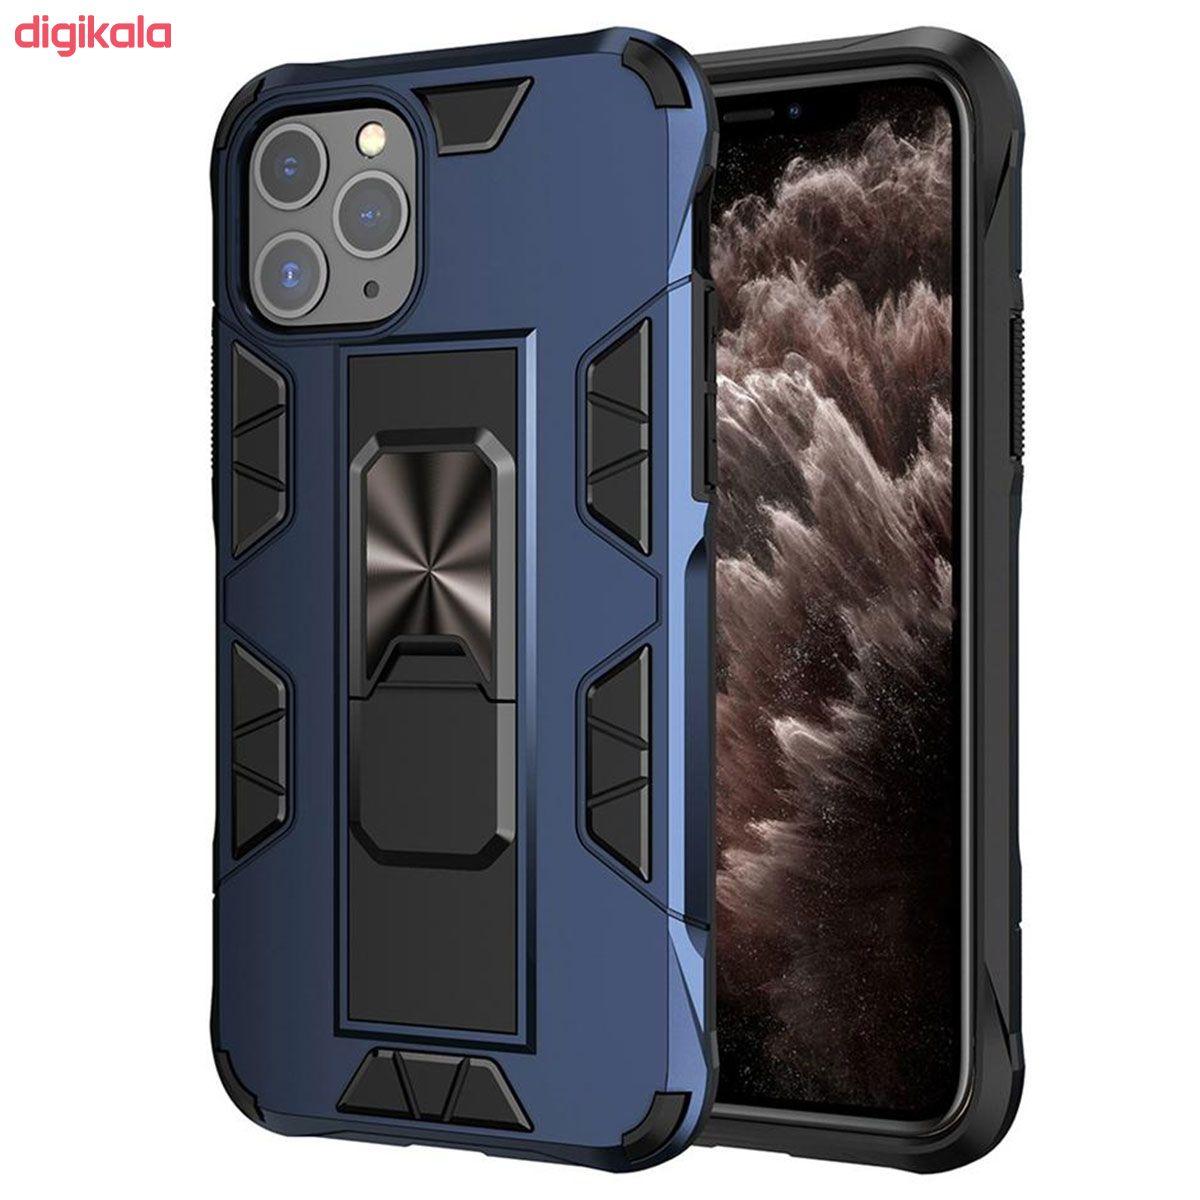 کاور لوکسار مدل Defence90s مناسب برای گوشی موبایل اپل iPhone 11 Pro main 1 8